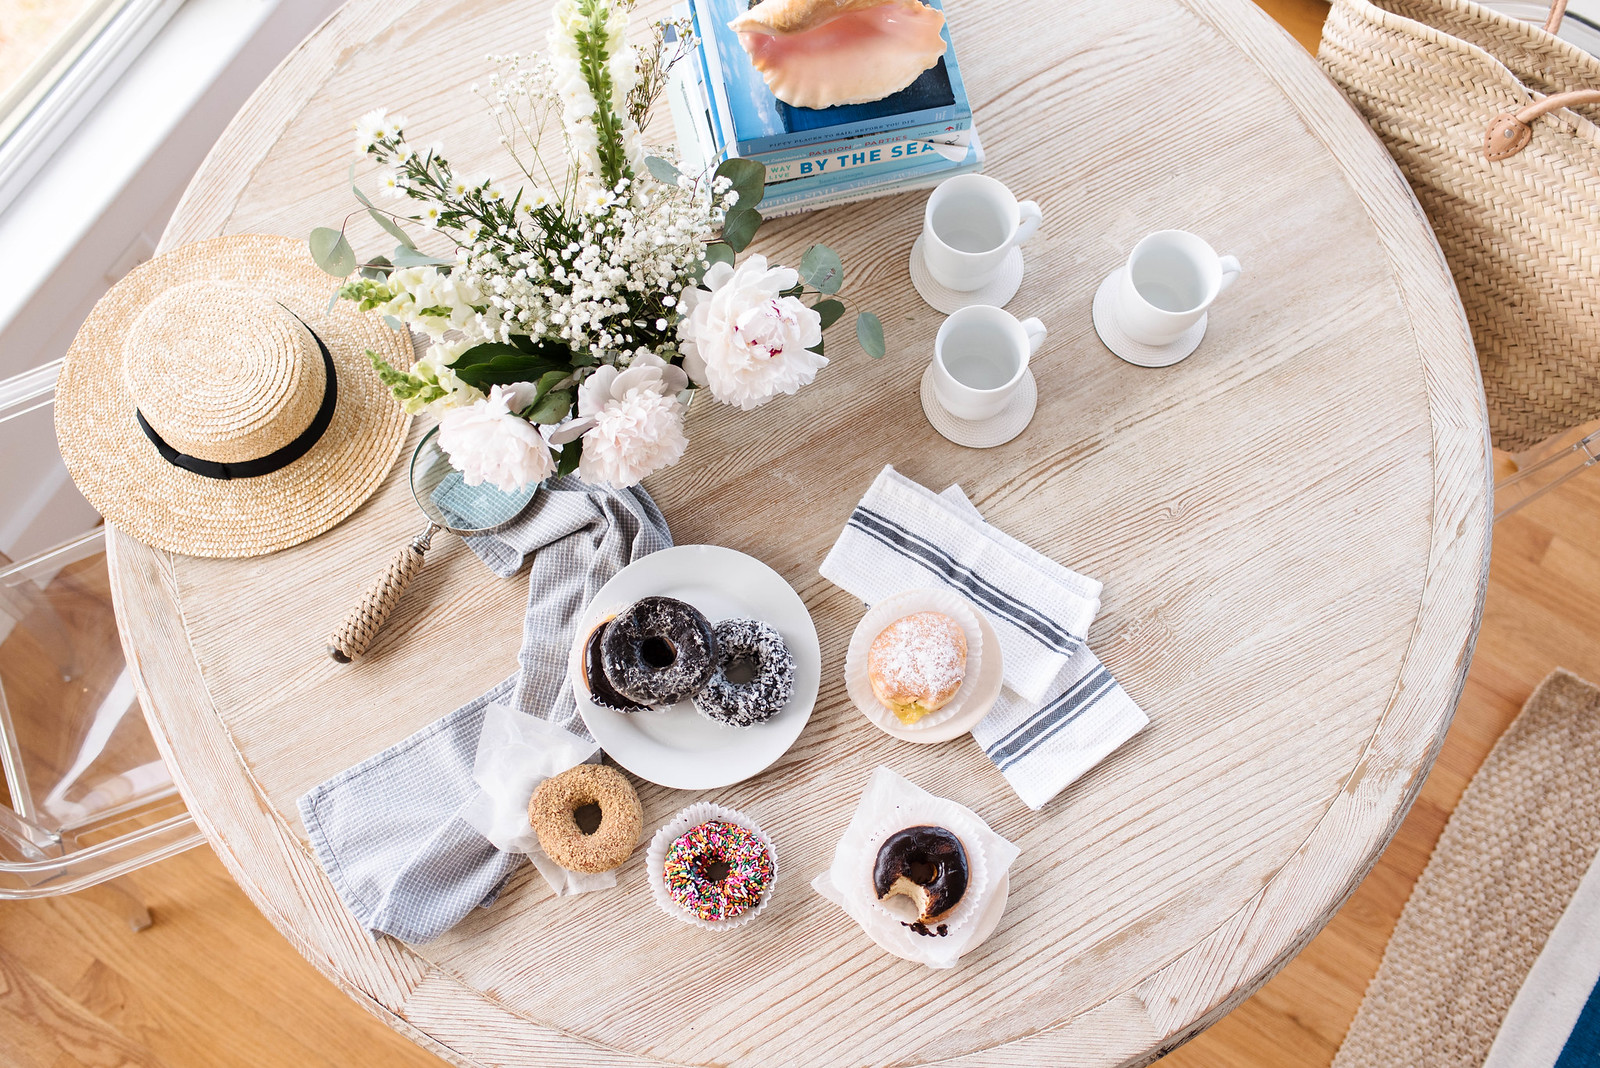 Back Door Donuts on Marthas Vineyard on http://juliettelaura.blogspot.com/